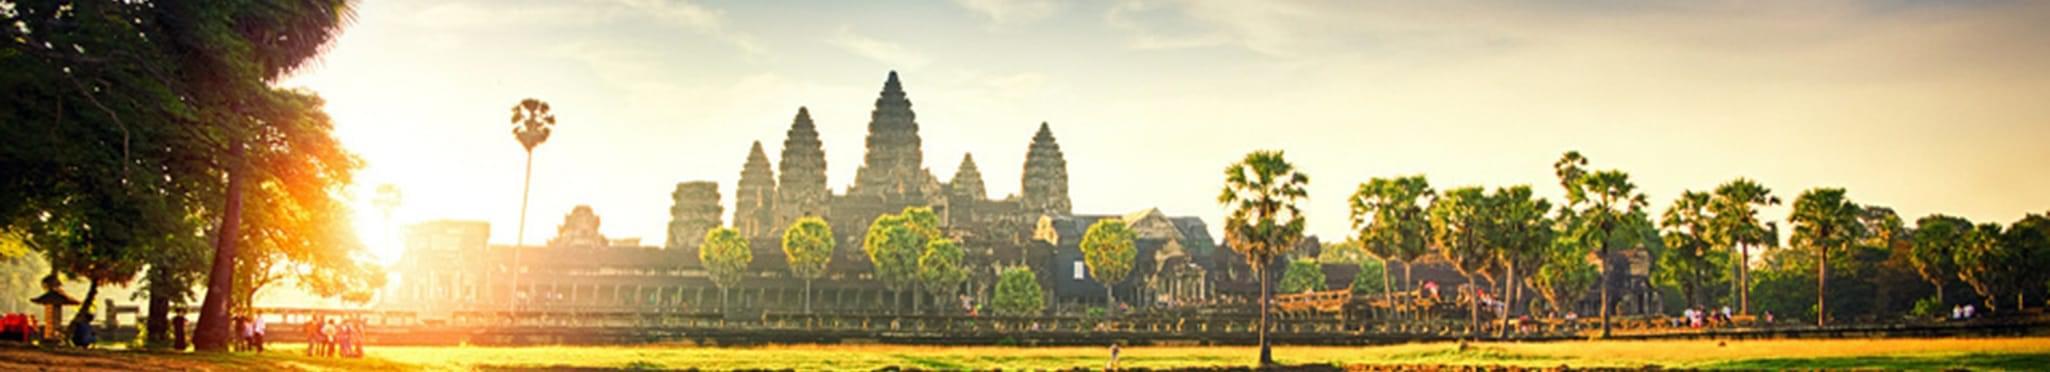 Центр Вселенной:<br>Сием Реап, Ангкор, Сием Реап